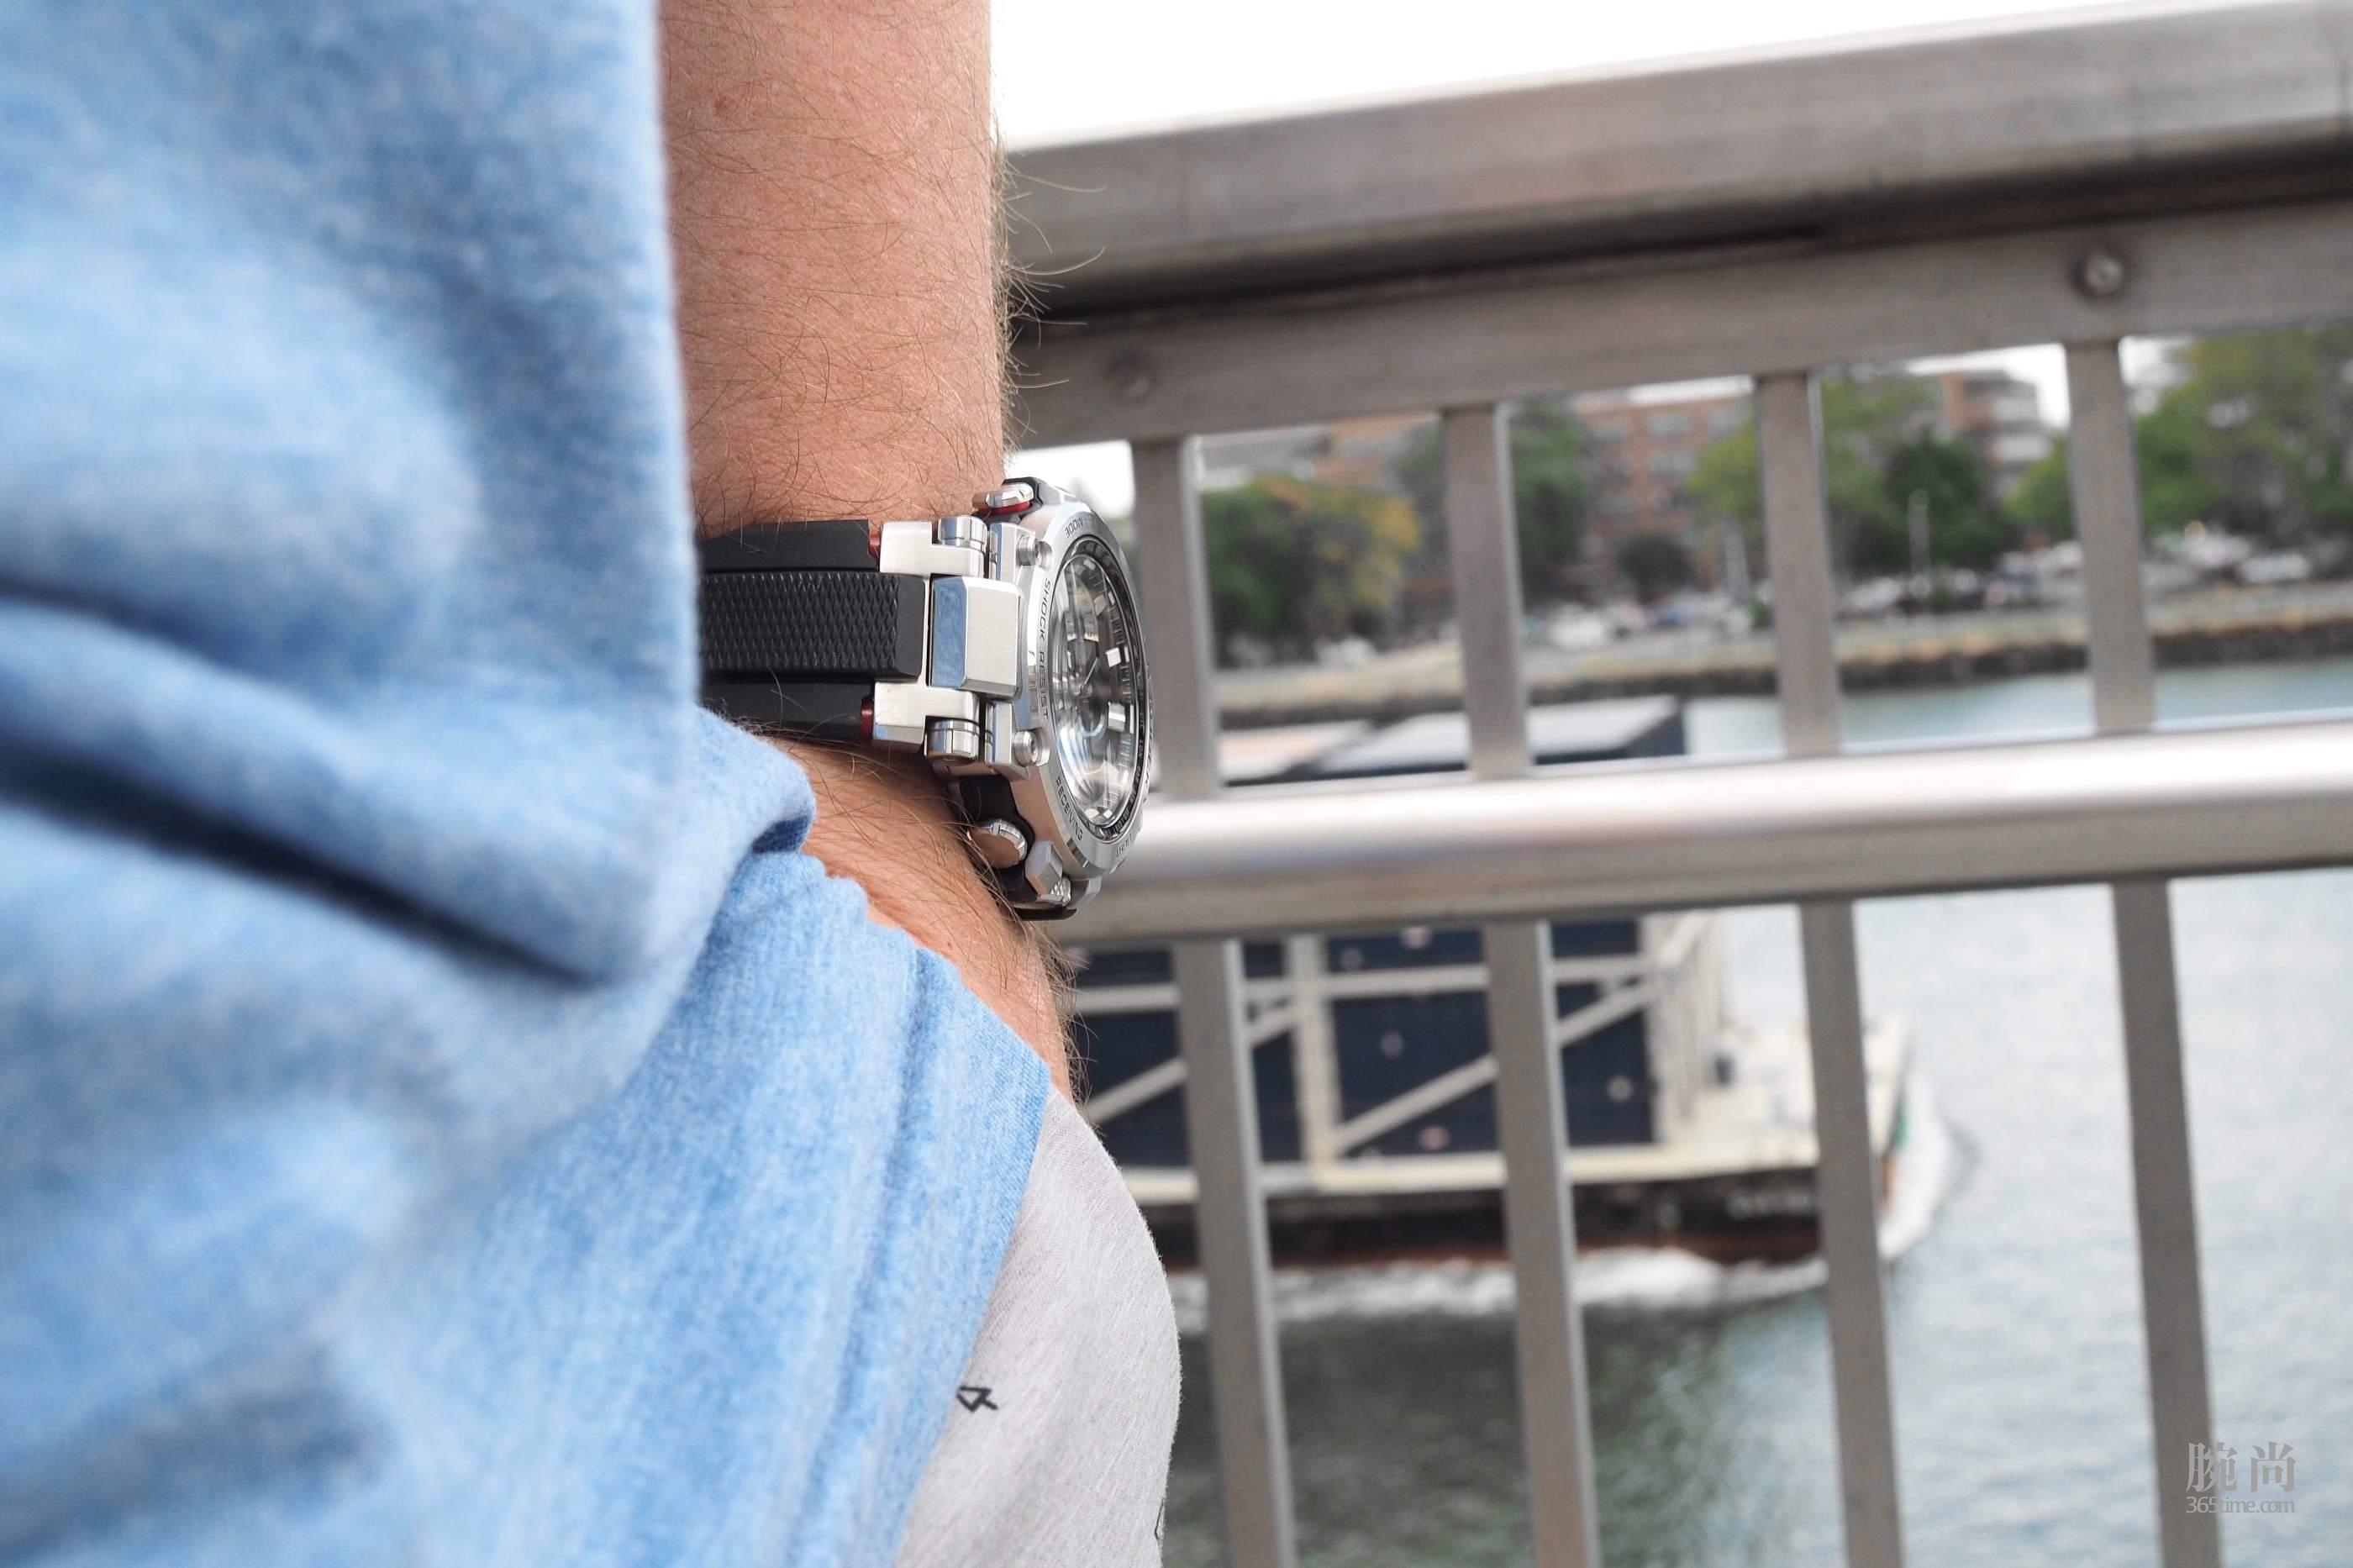 Casio-G-Shock-MTGB1000-1A-14.jpg